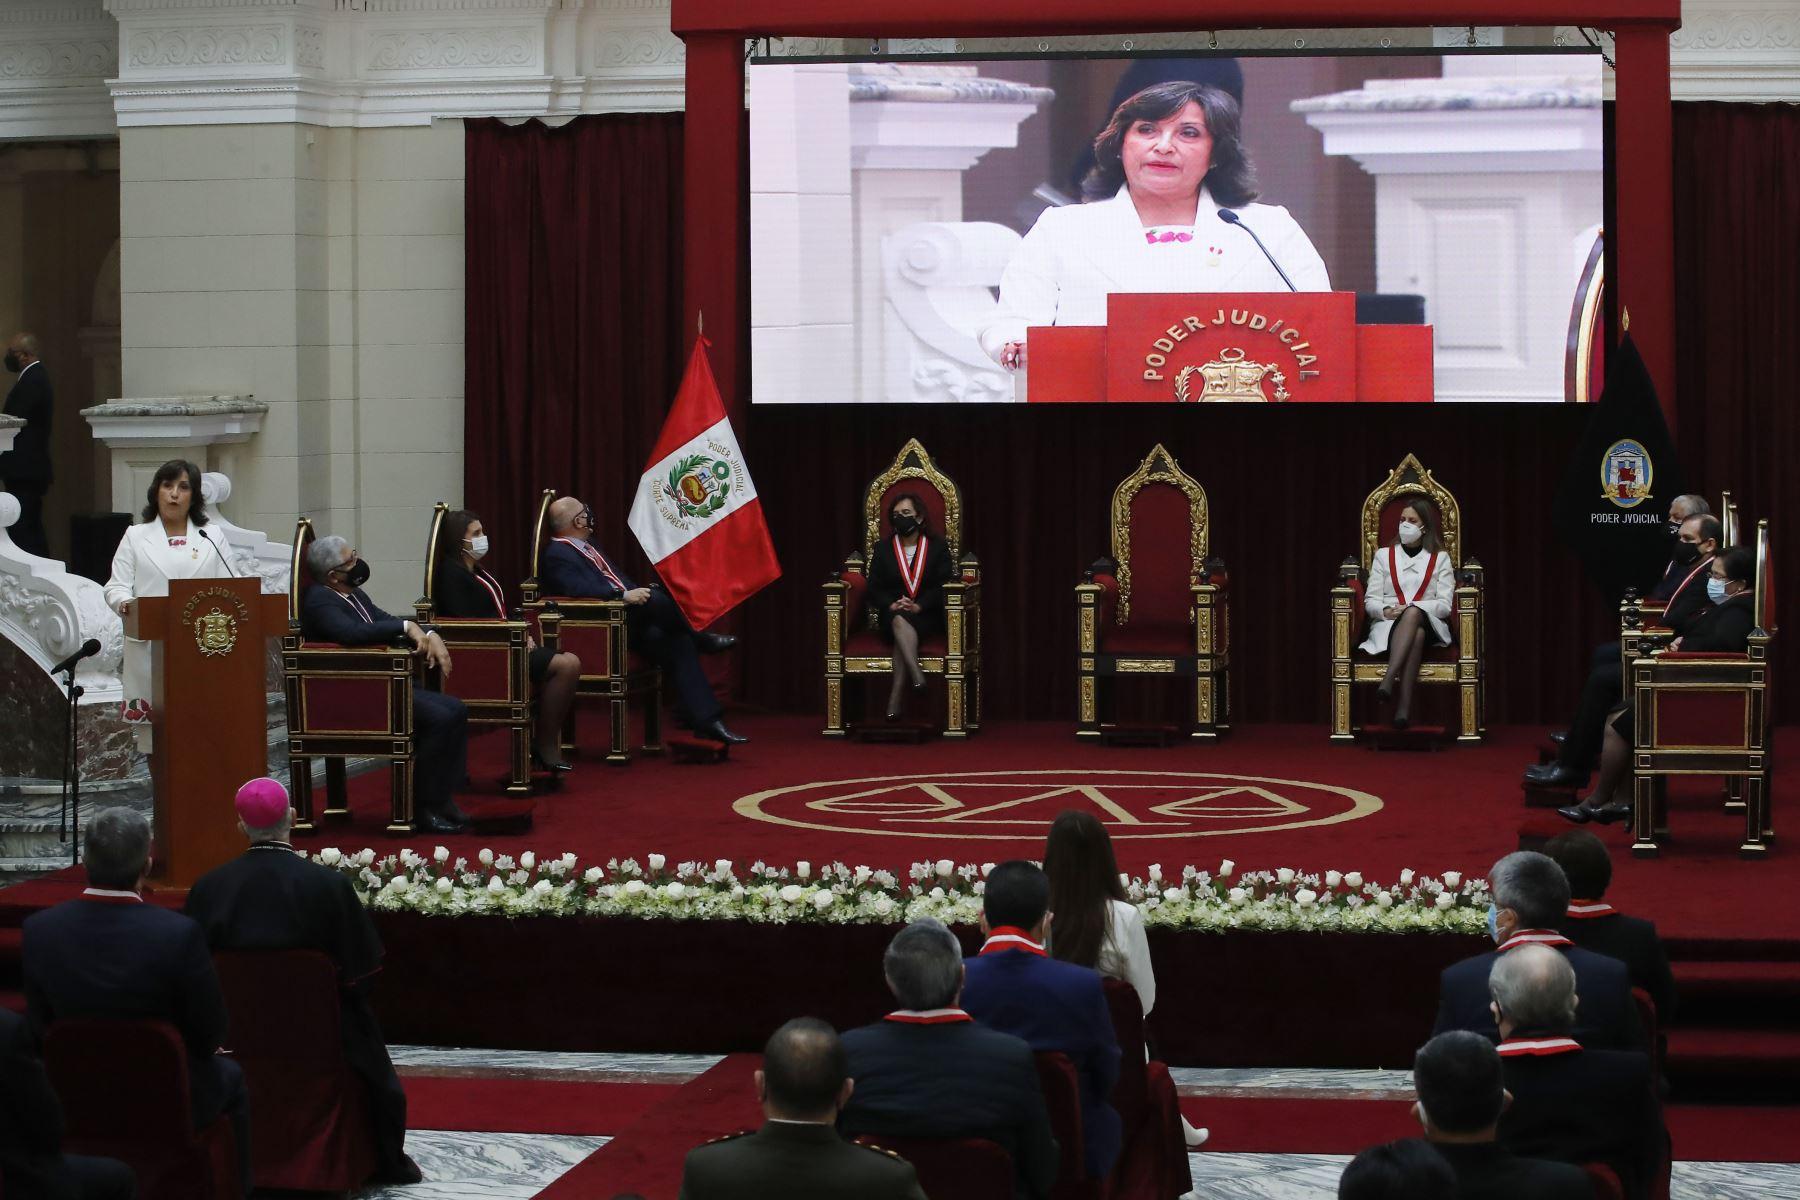 Vicepresidenta de la República, Dina Boluarte  participa en la celebración del Día del Juez y la Jueza. Foto: ANDINA/ Juan Carlos Guzmán